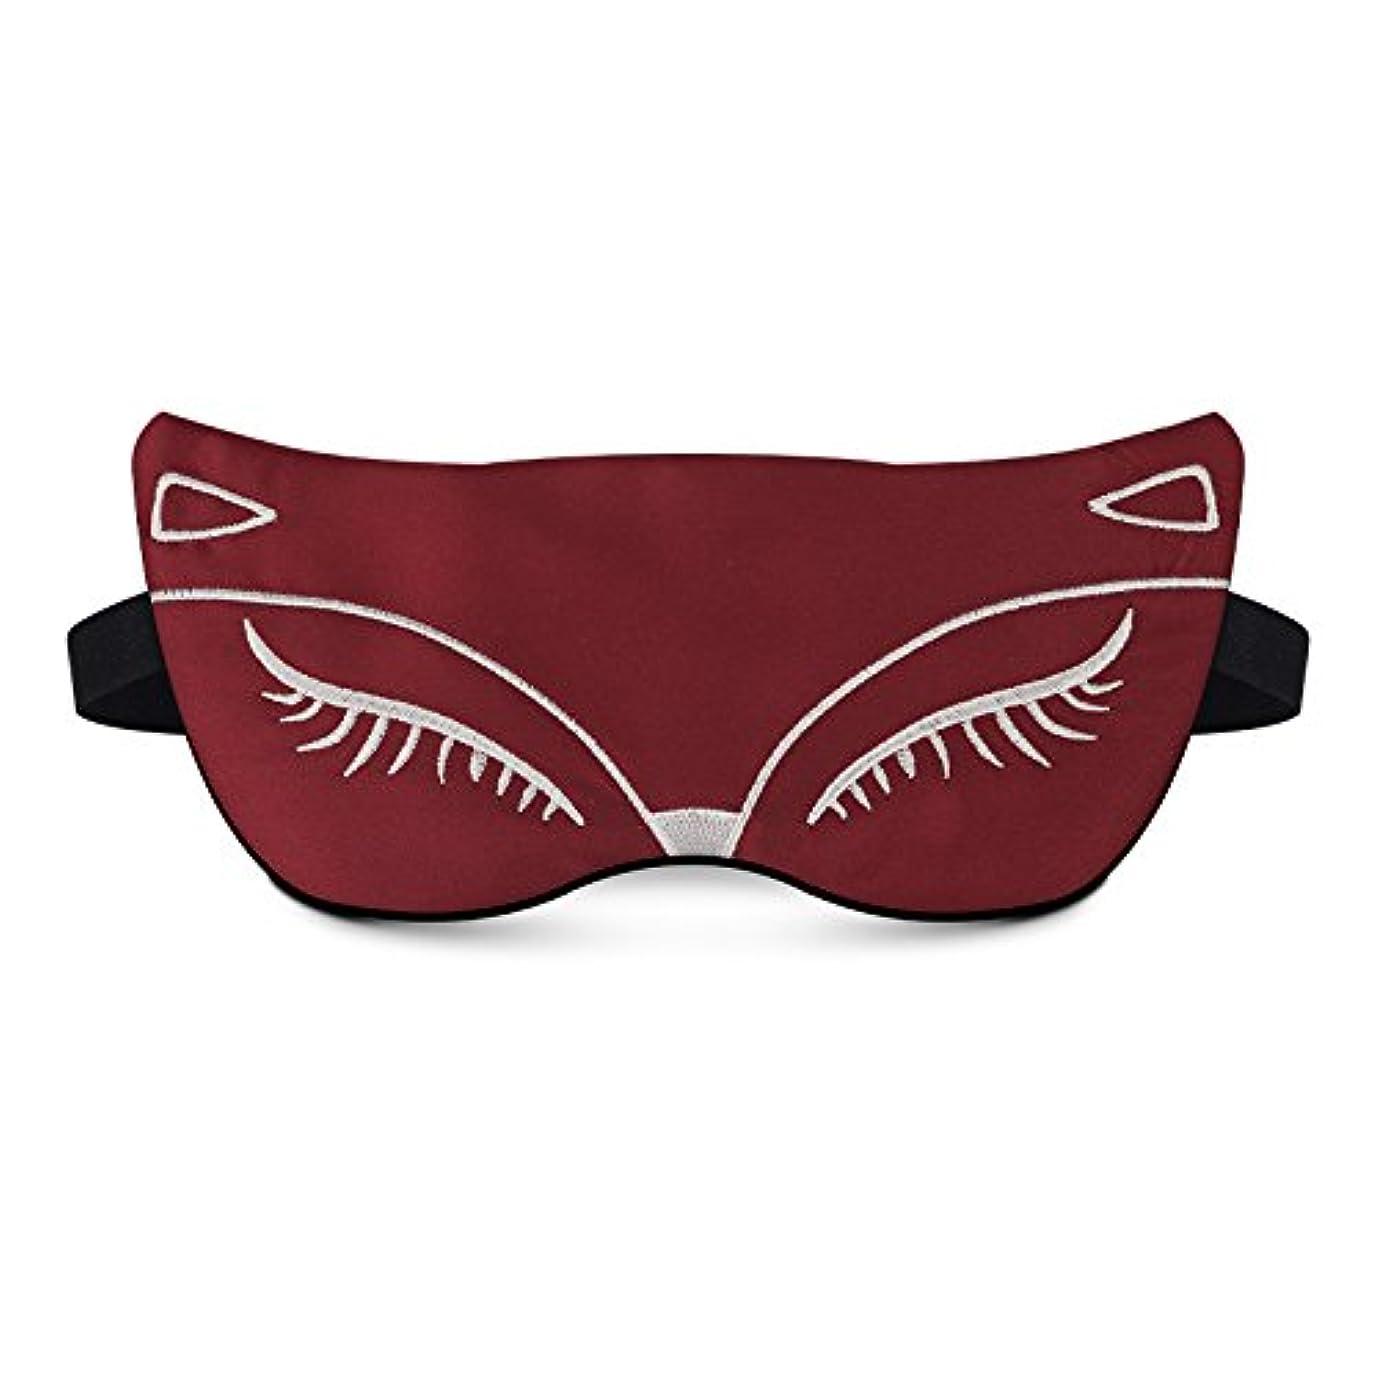 投げる海里くちばしNOTE 睡眠マスク100%桑シルク睡眠アイマスクセクシーなキツネ刺繍アイシェードマスク包帯用目の睡眠アイケアツール